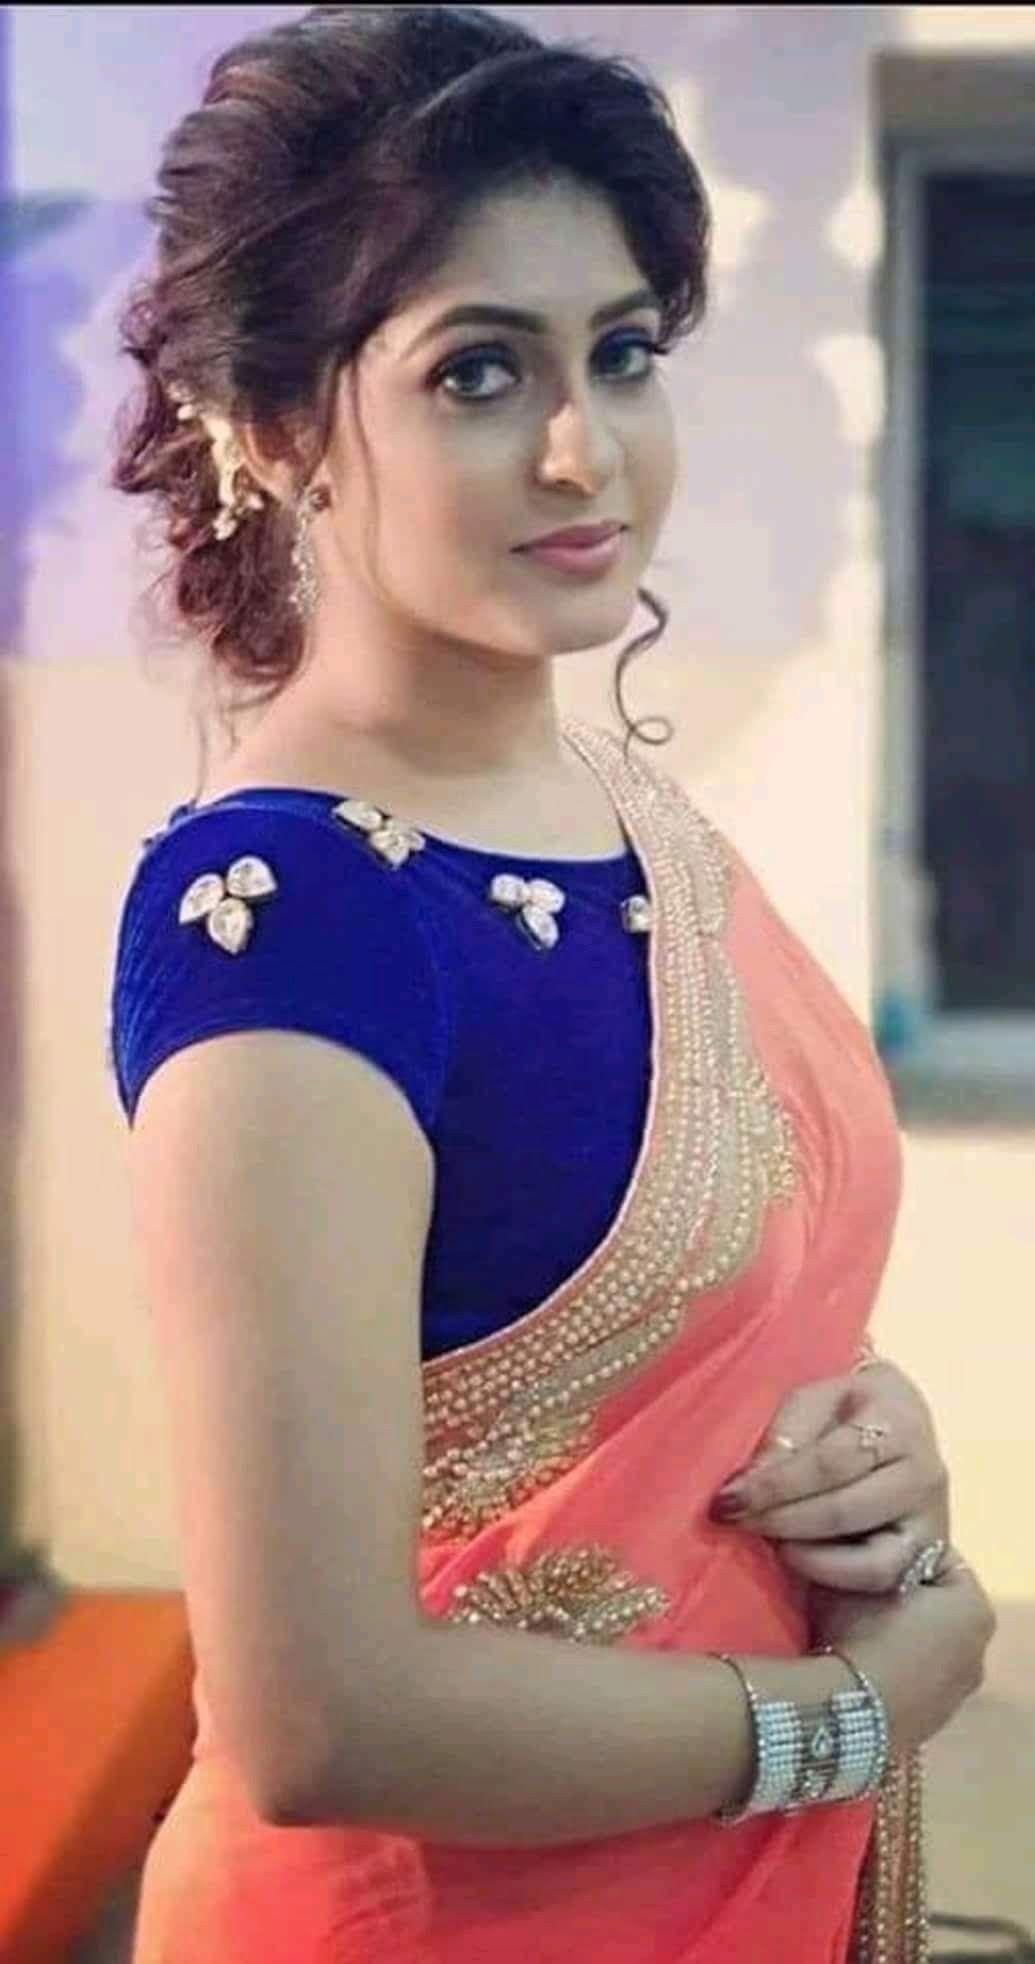 Hot pink blouse bhabhi